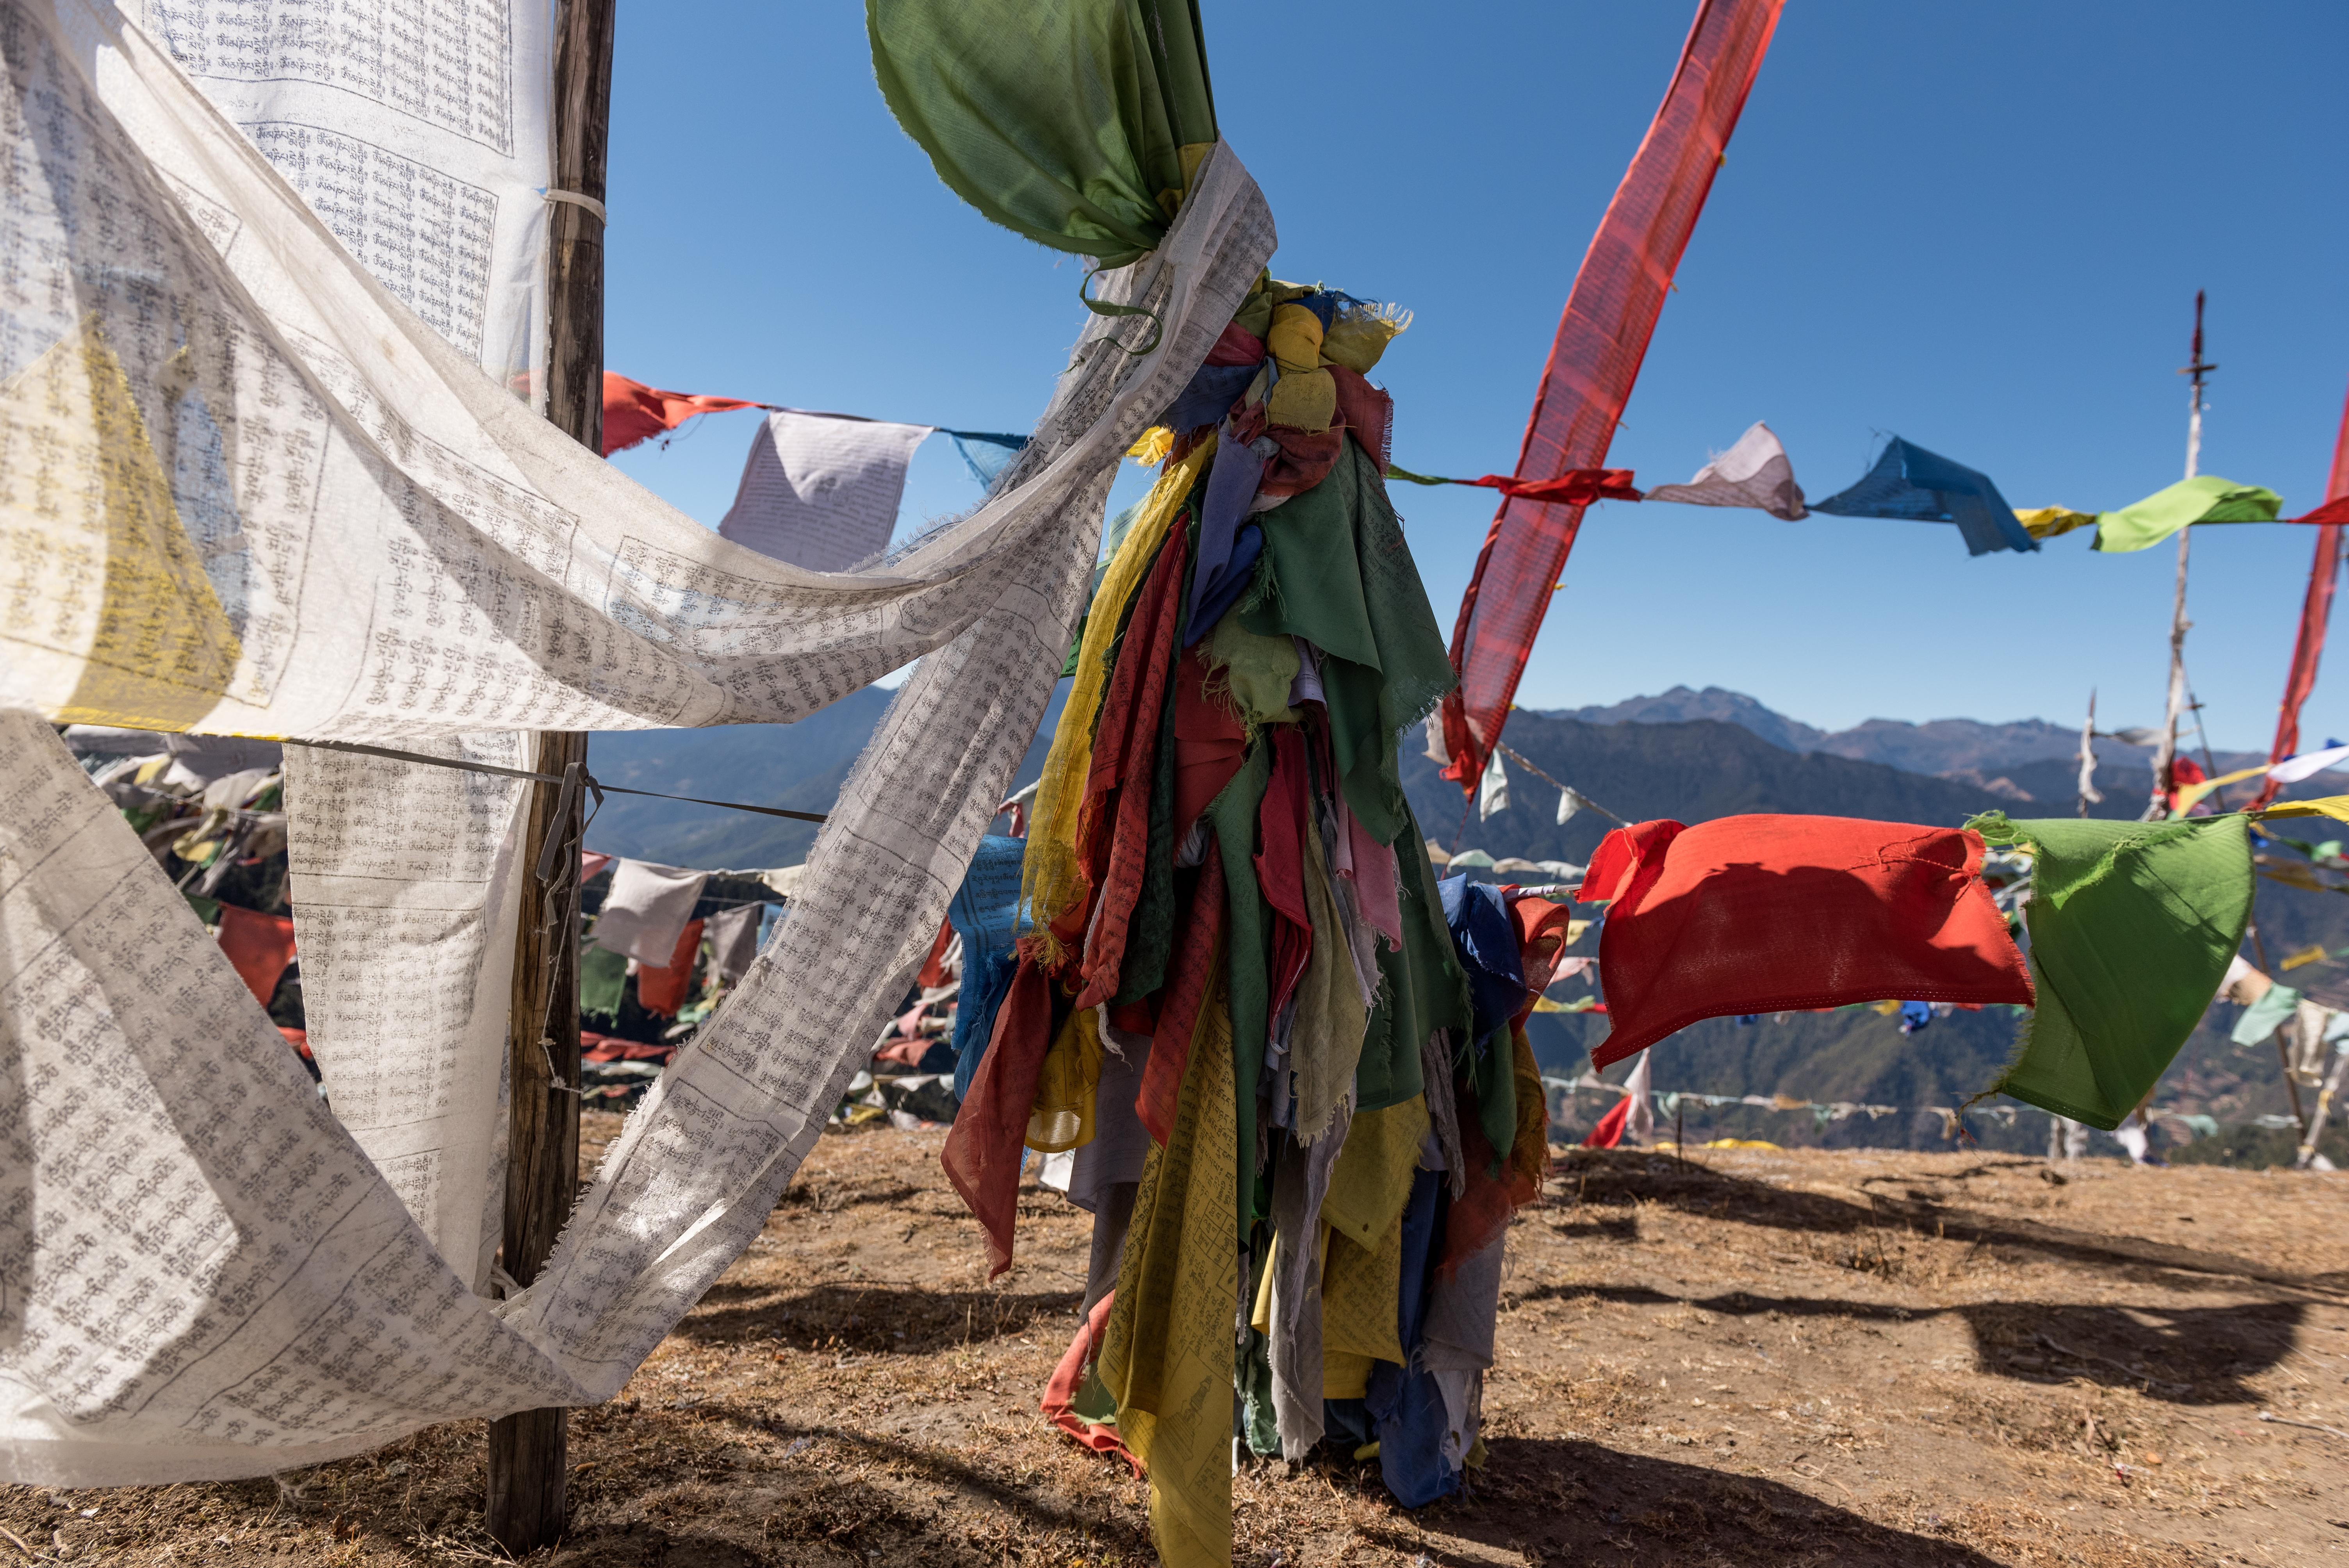 Las banderas de oración budistas son una presencia constante en Bután, especialmente en las alturas de los Himalayas y en las orillas de los ríos